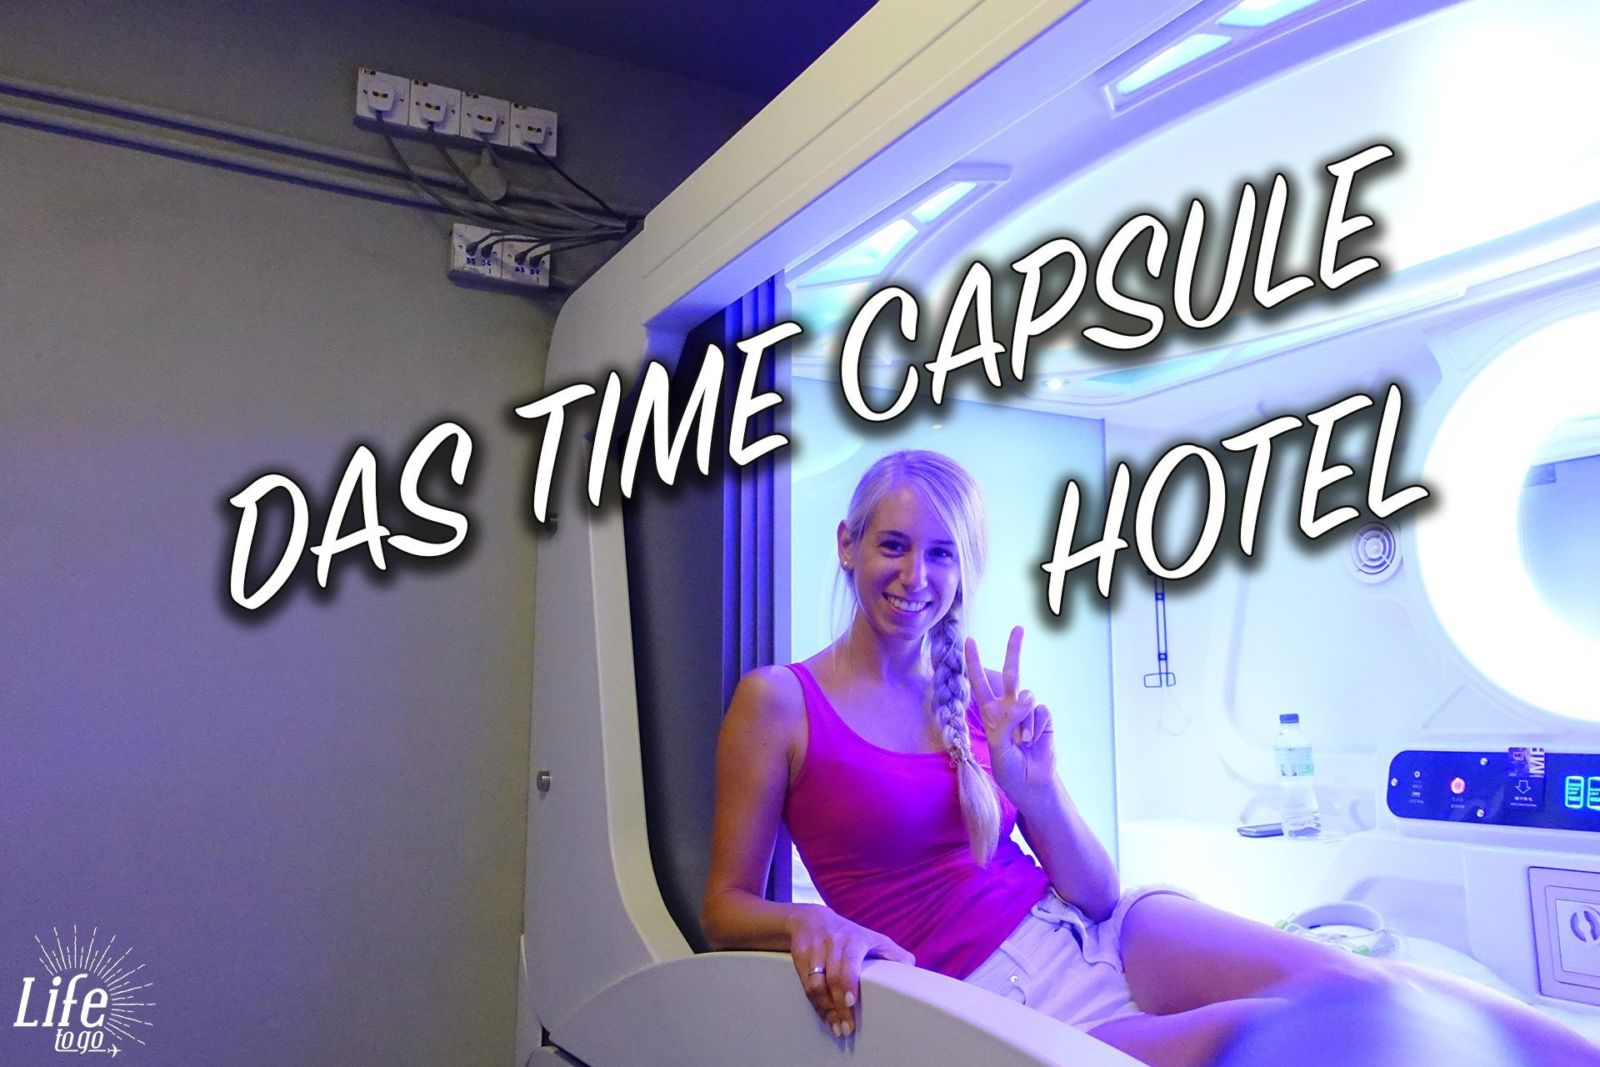 Time Capsule Hotel Penang - 1